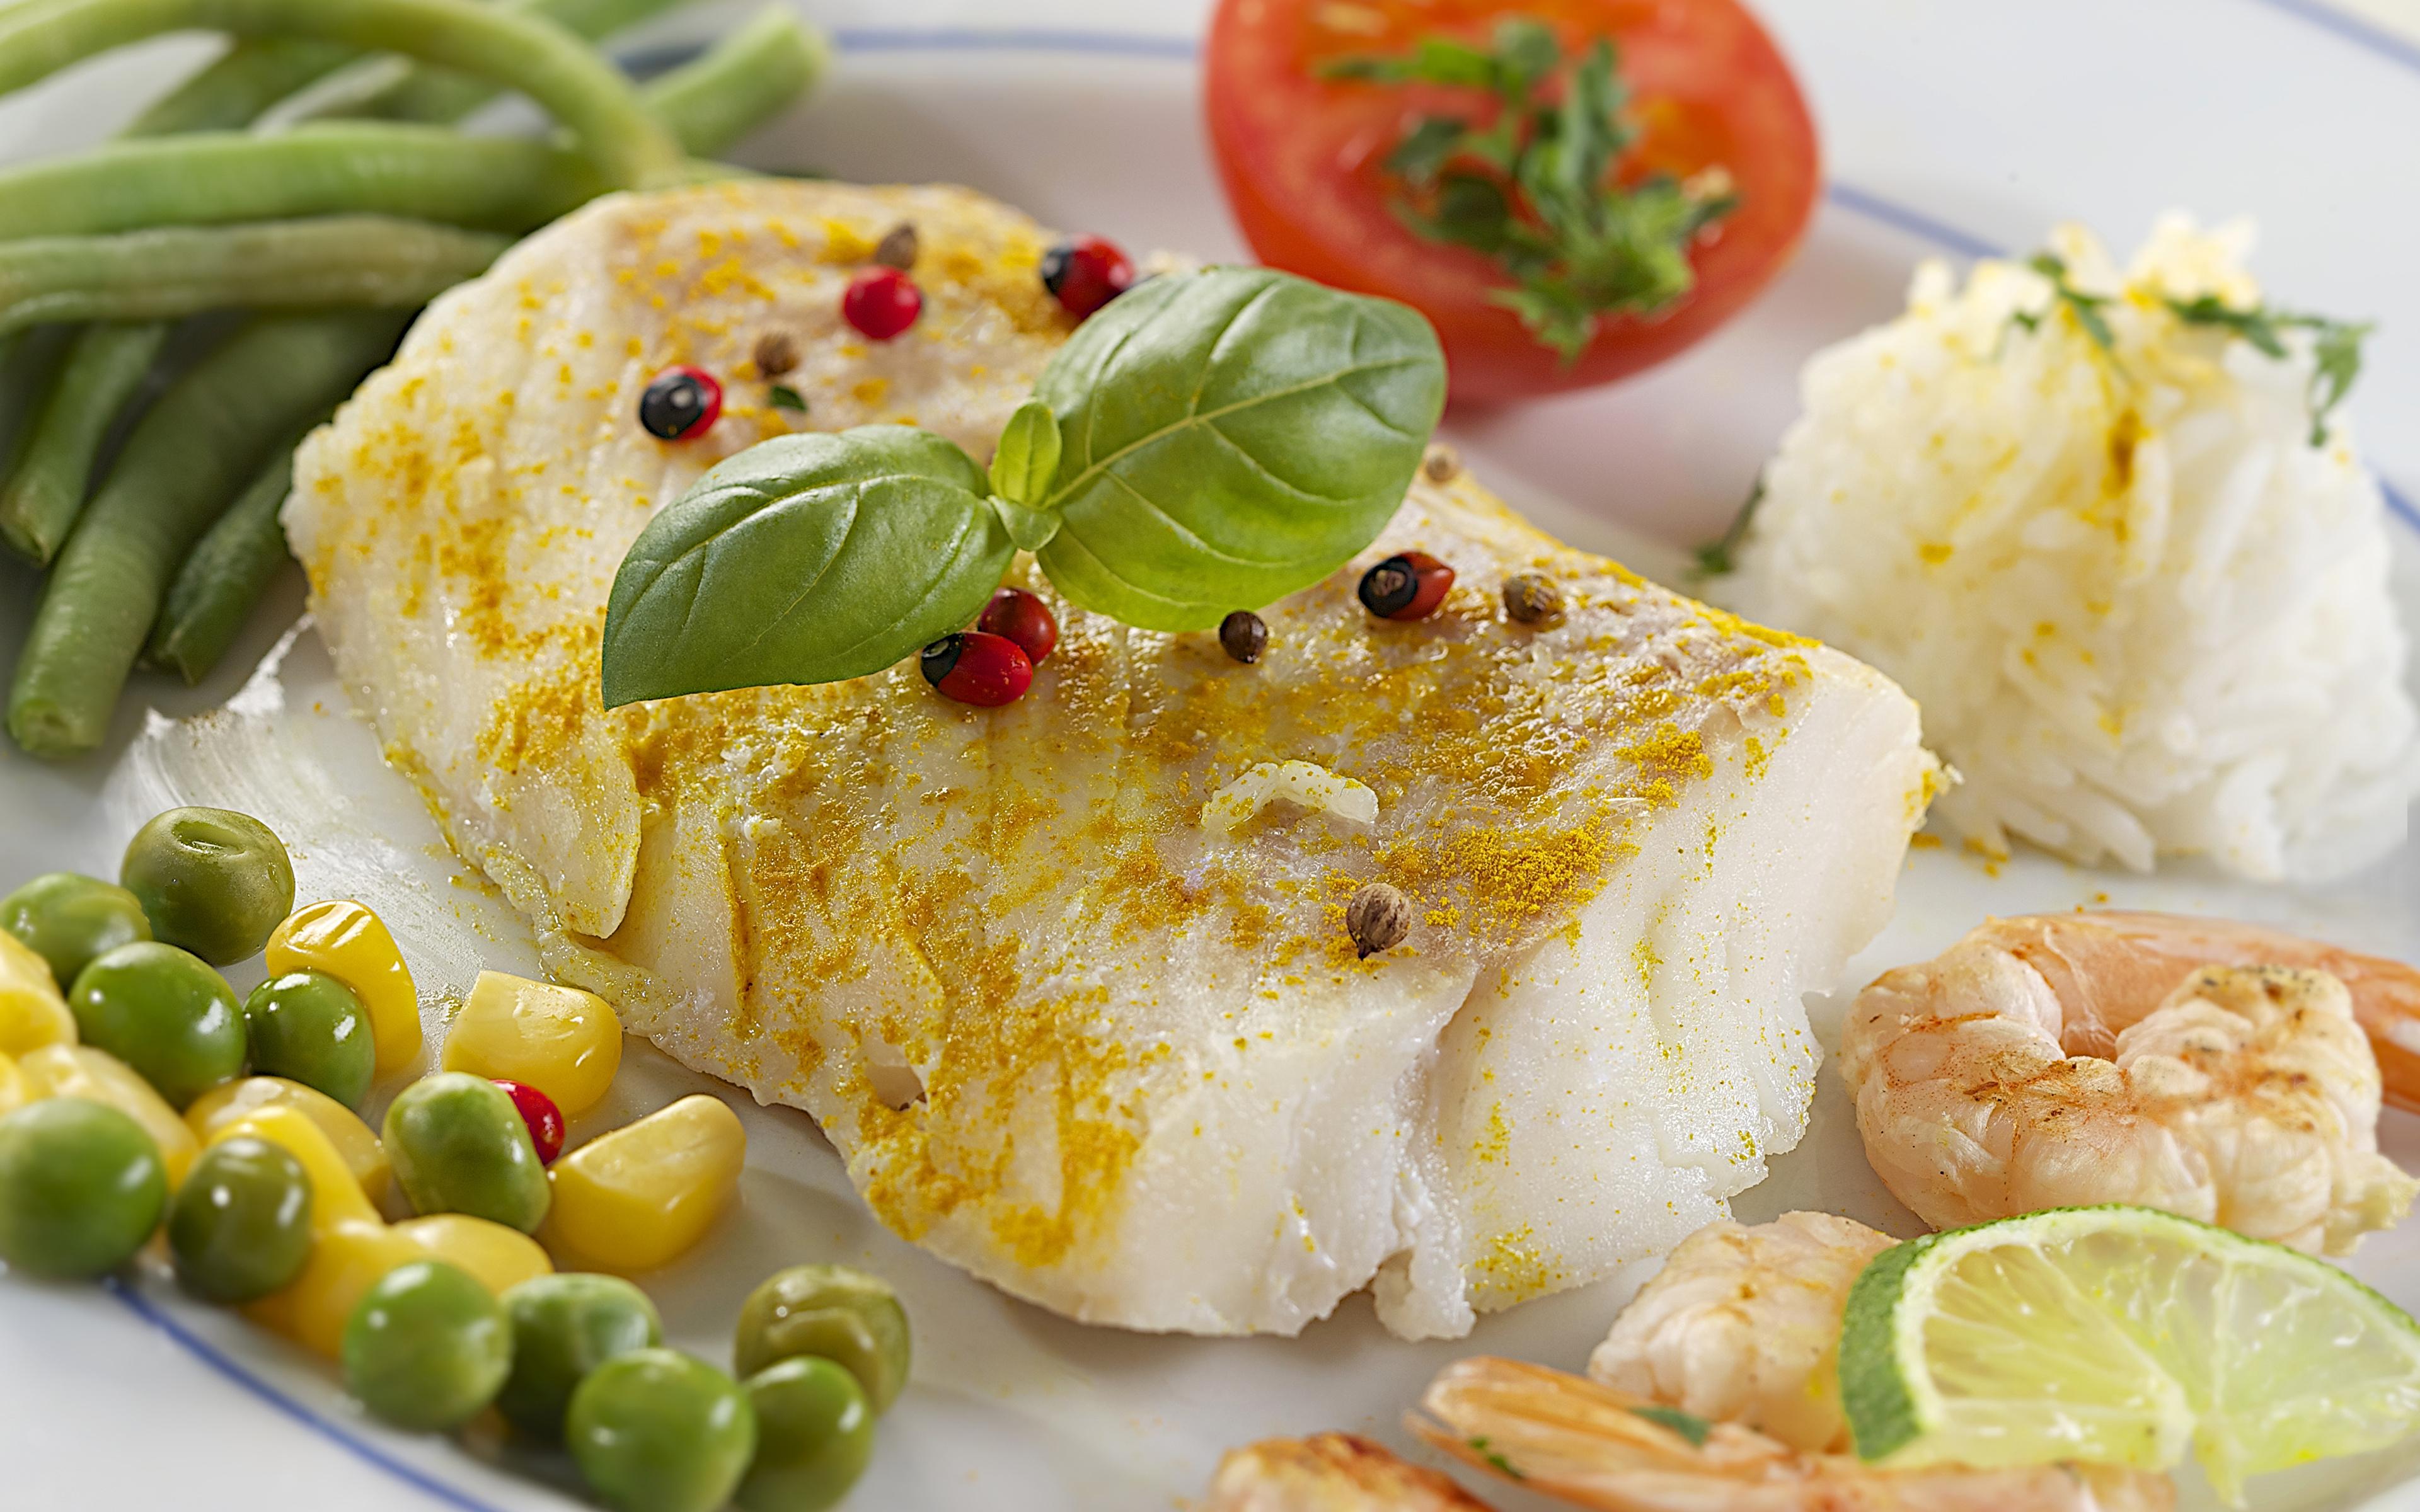 Рыба При Низкокалорийной Диете. Какая рыба для похудения самая полезная? ТОП-6 диетических видов